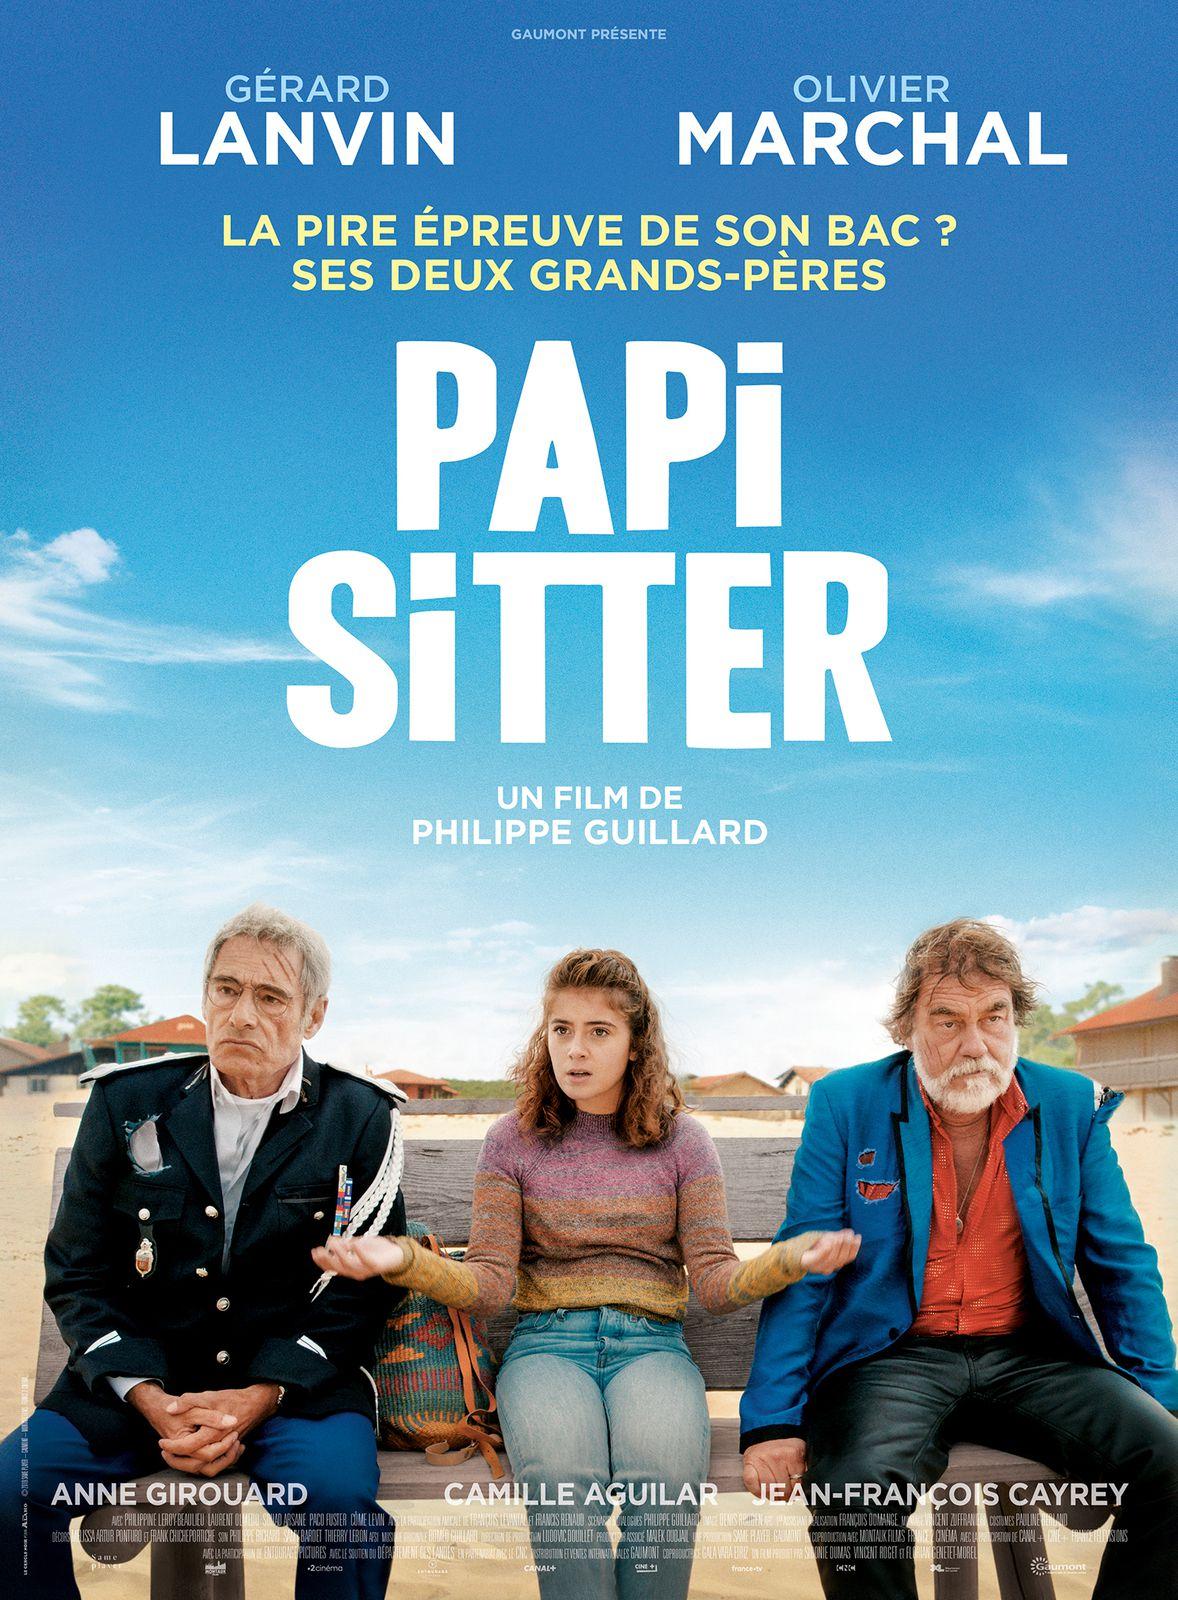 Bande-annonce de la comédie Papi Sitter, avec Gérard Lanvin et Olivier Marchal.